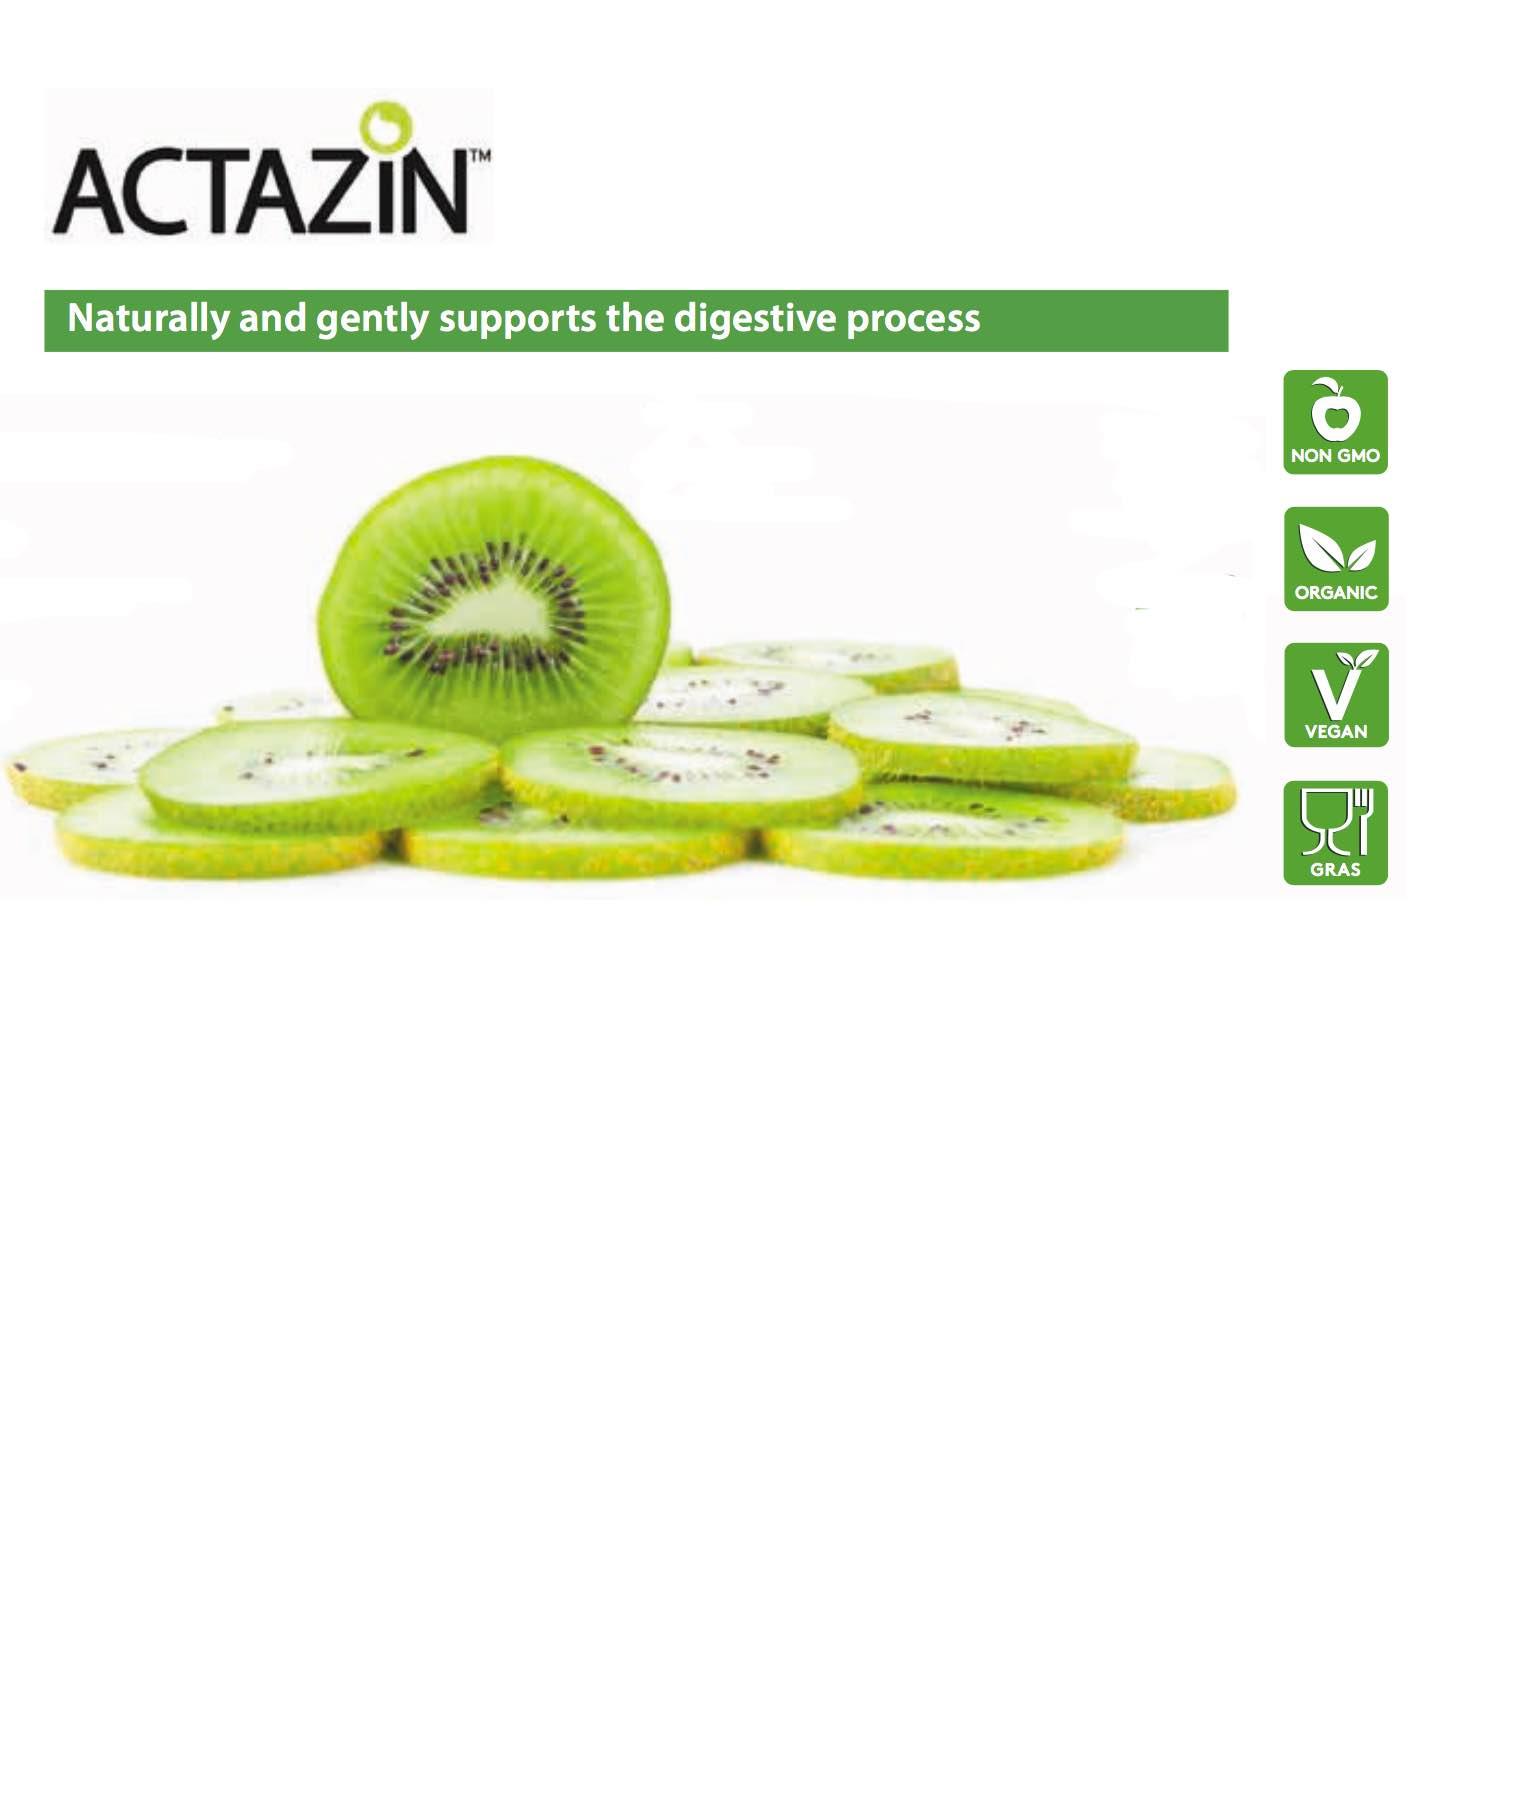 Actazin